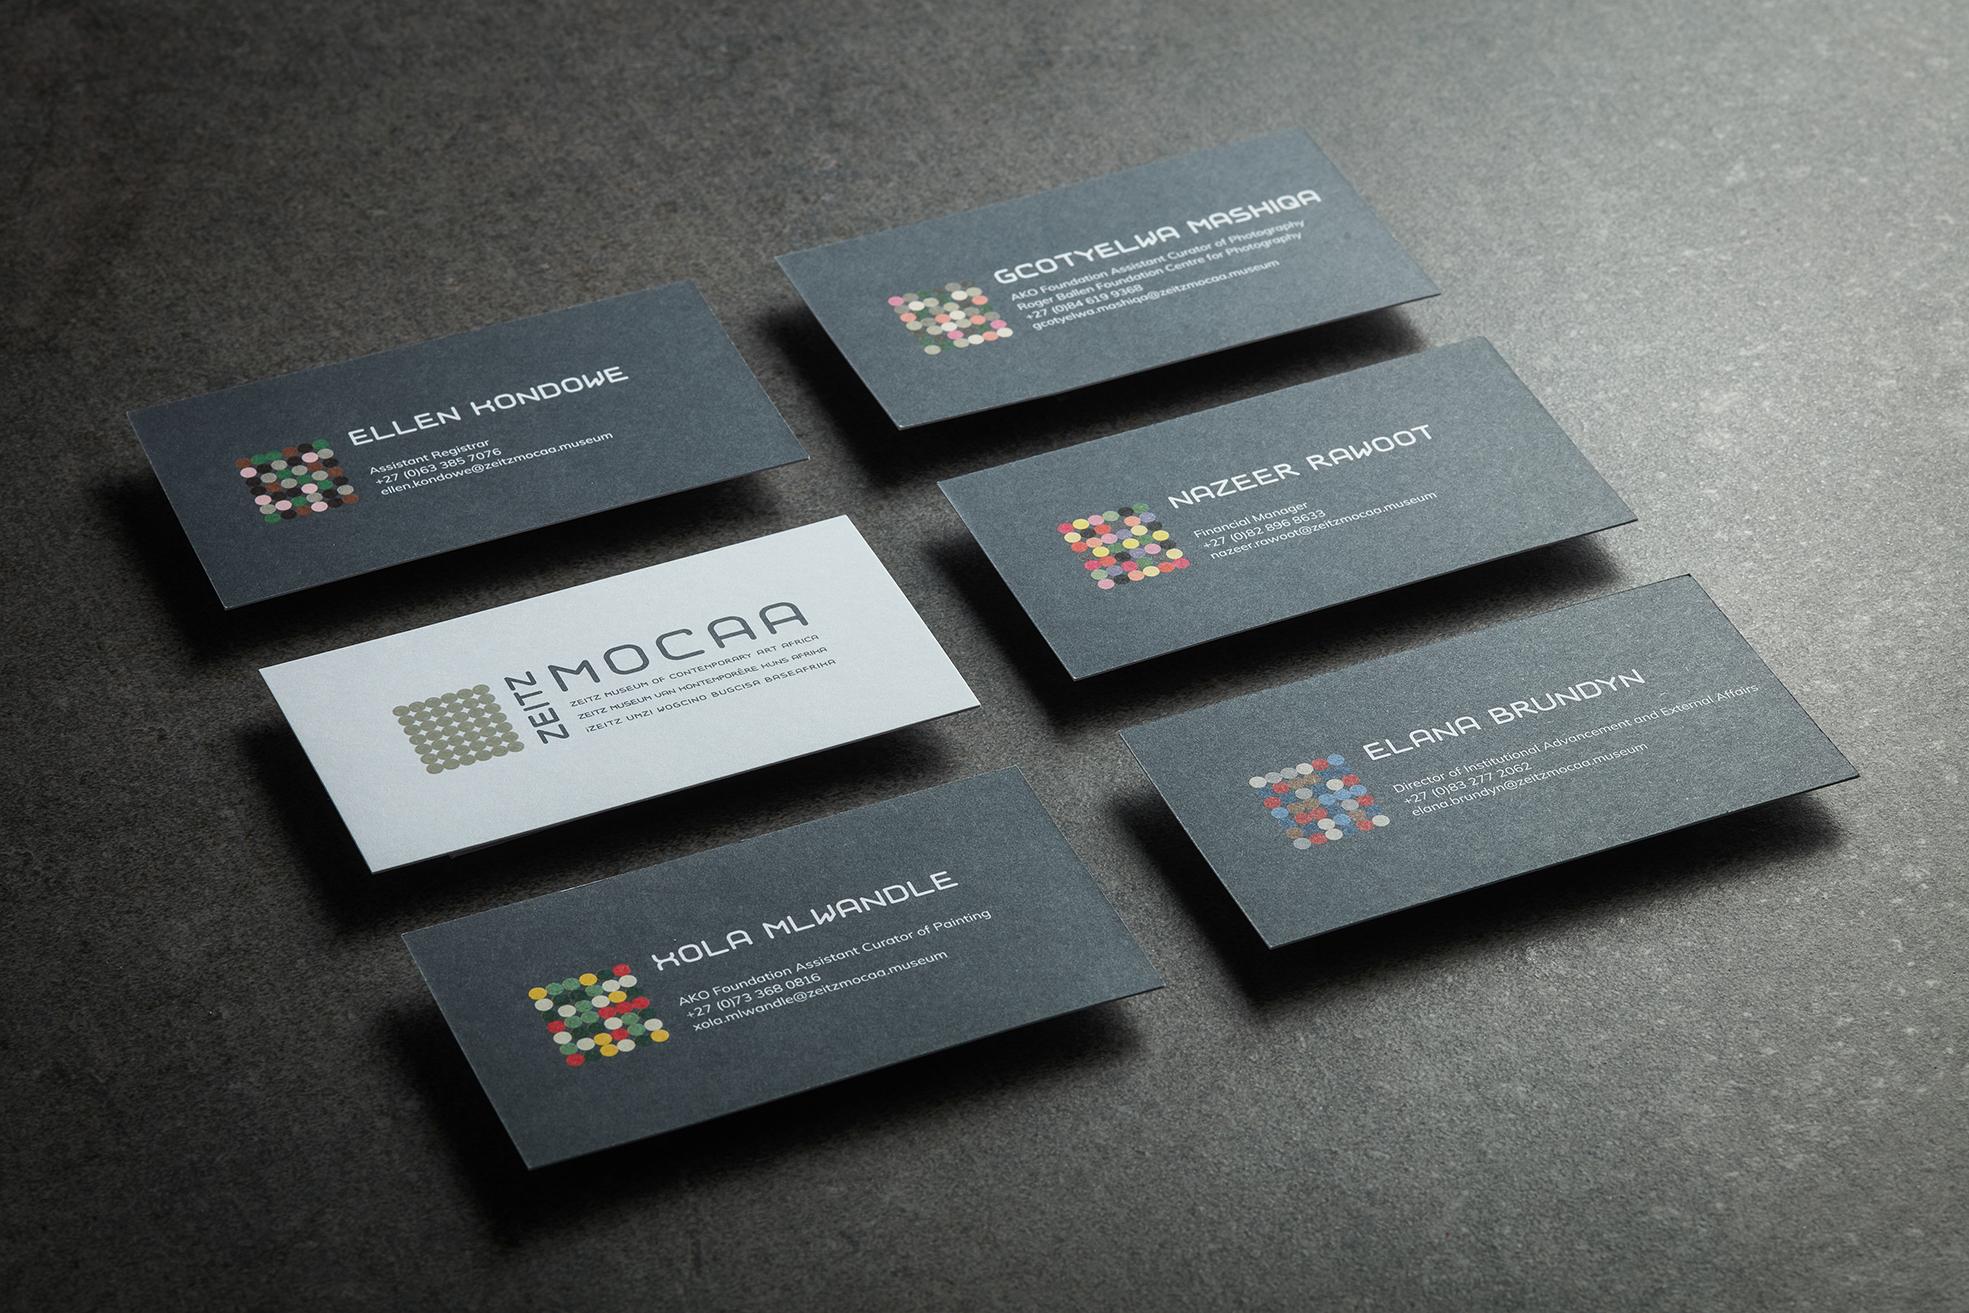 zeitz mocaa design advert by m c saatchi brand identity